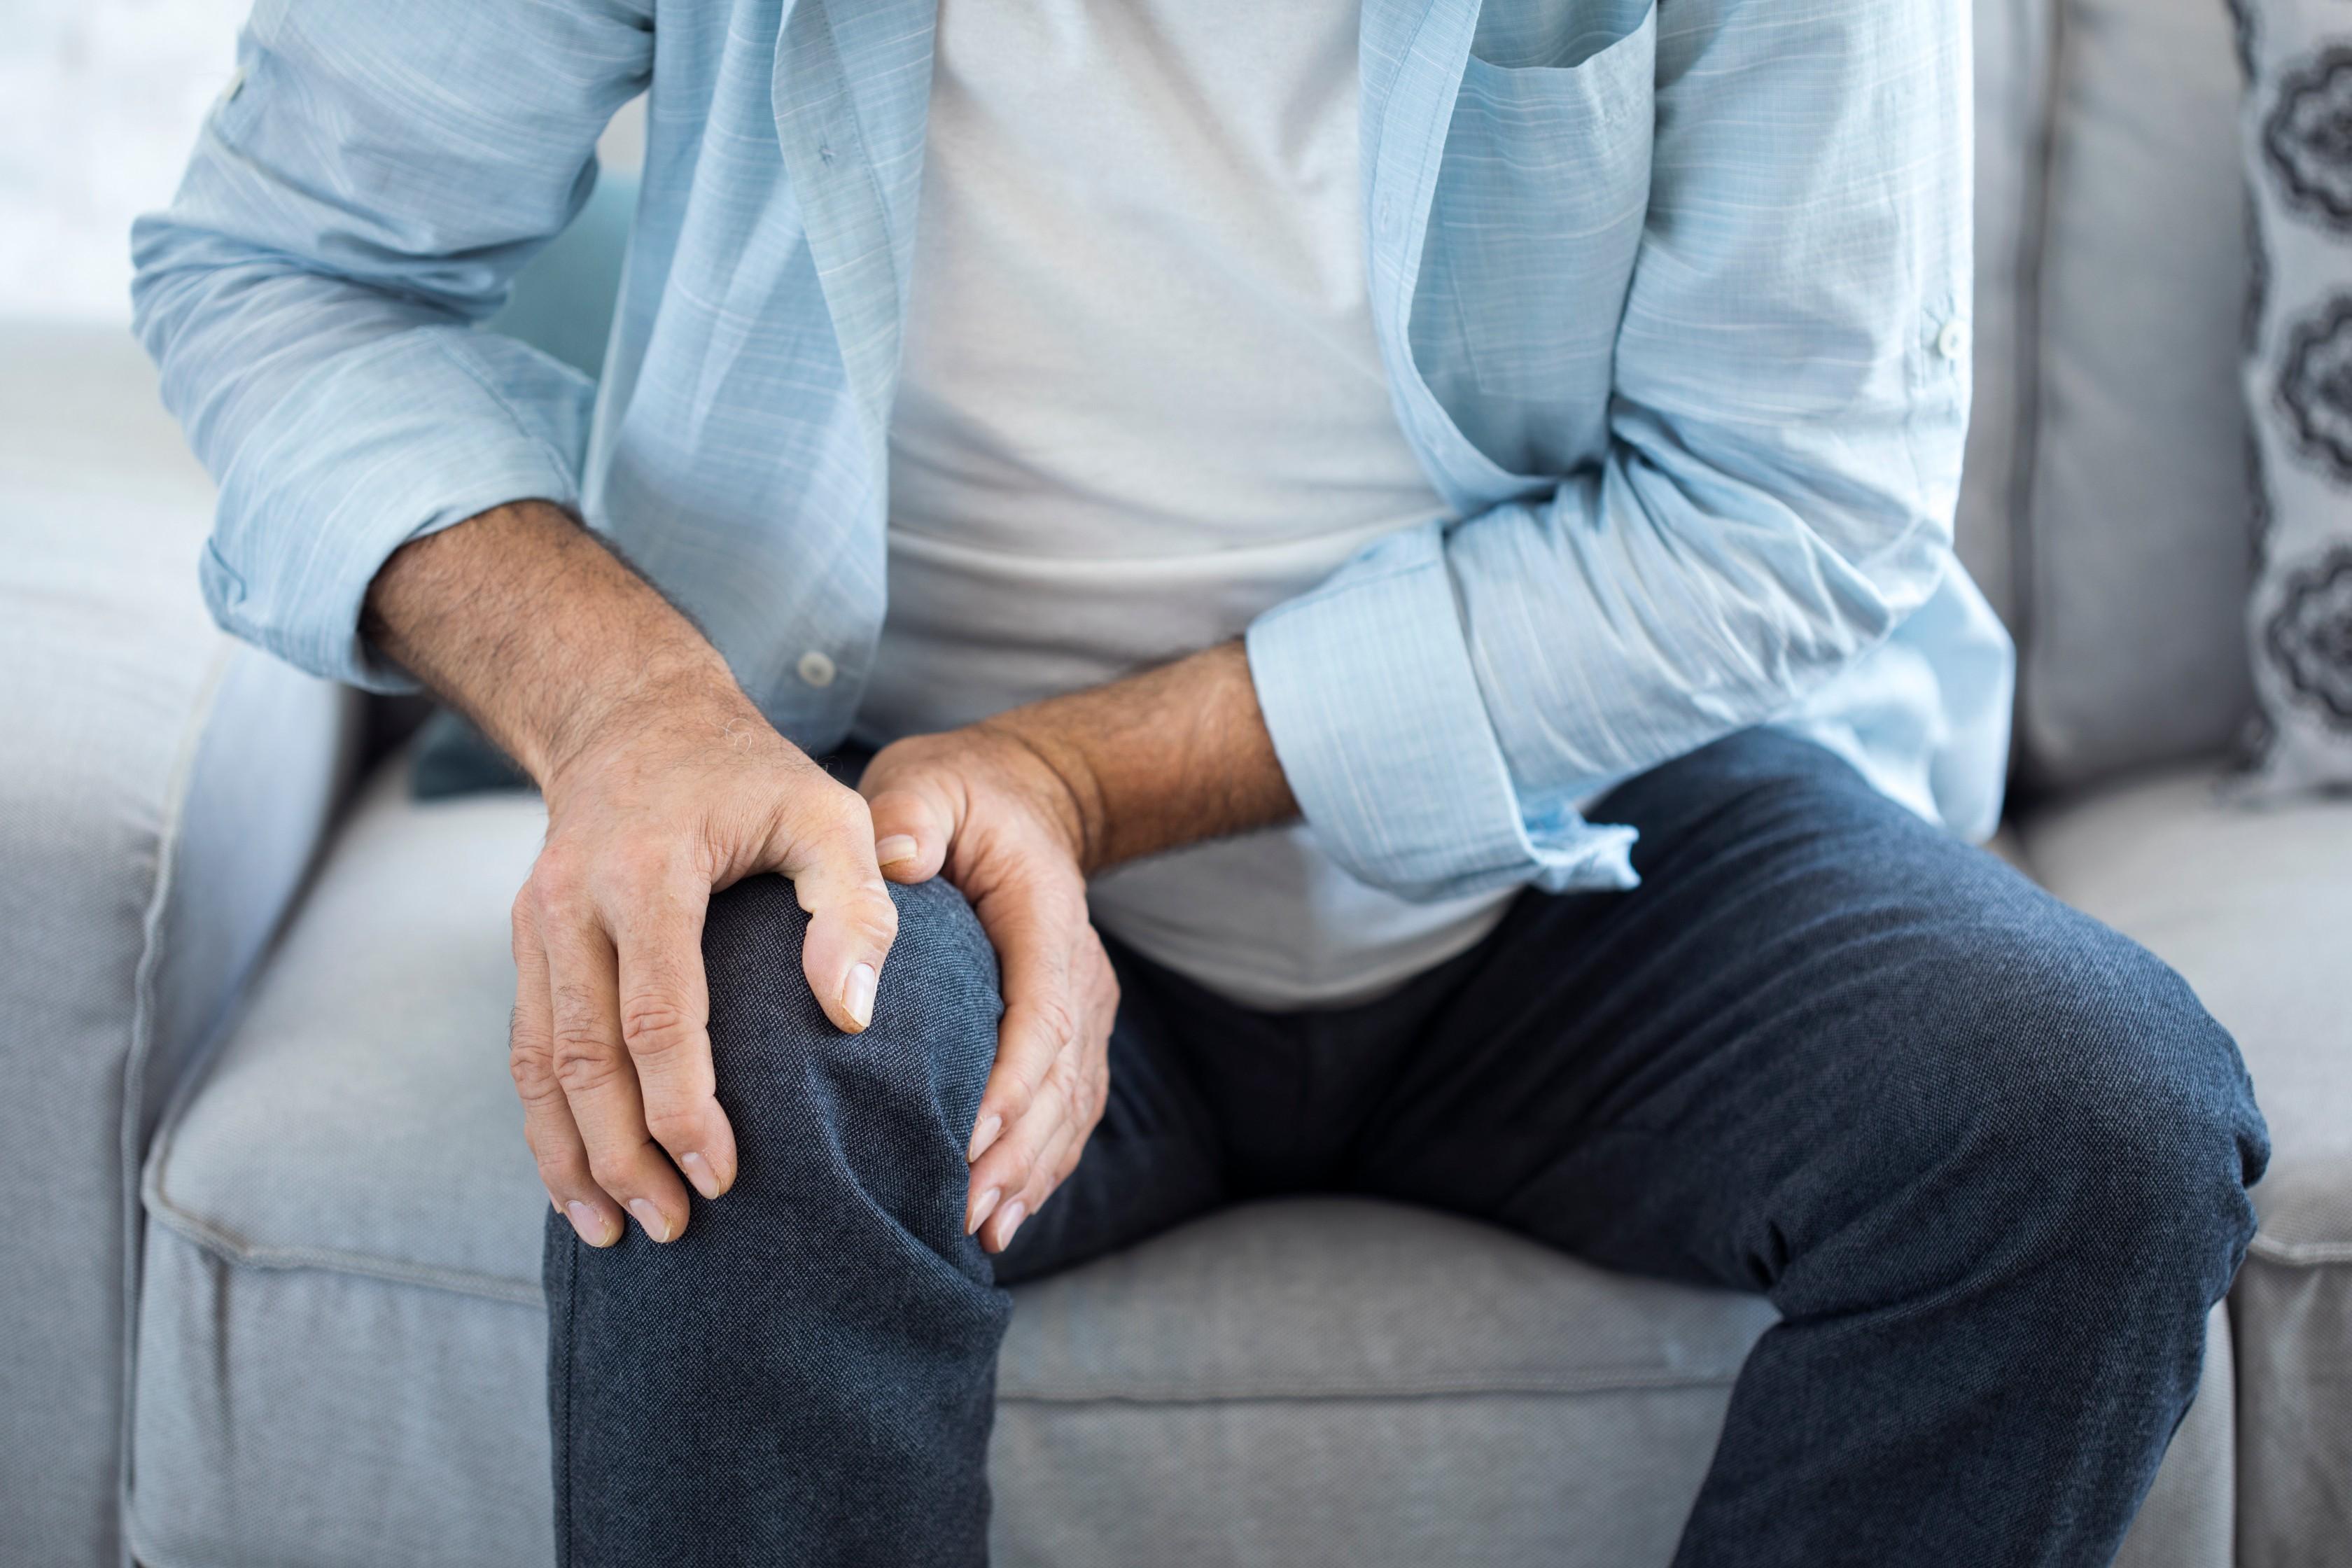 súlyos ízületi fájdalom, különösen a kezekben